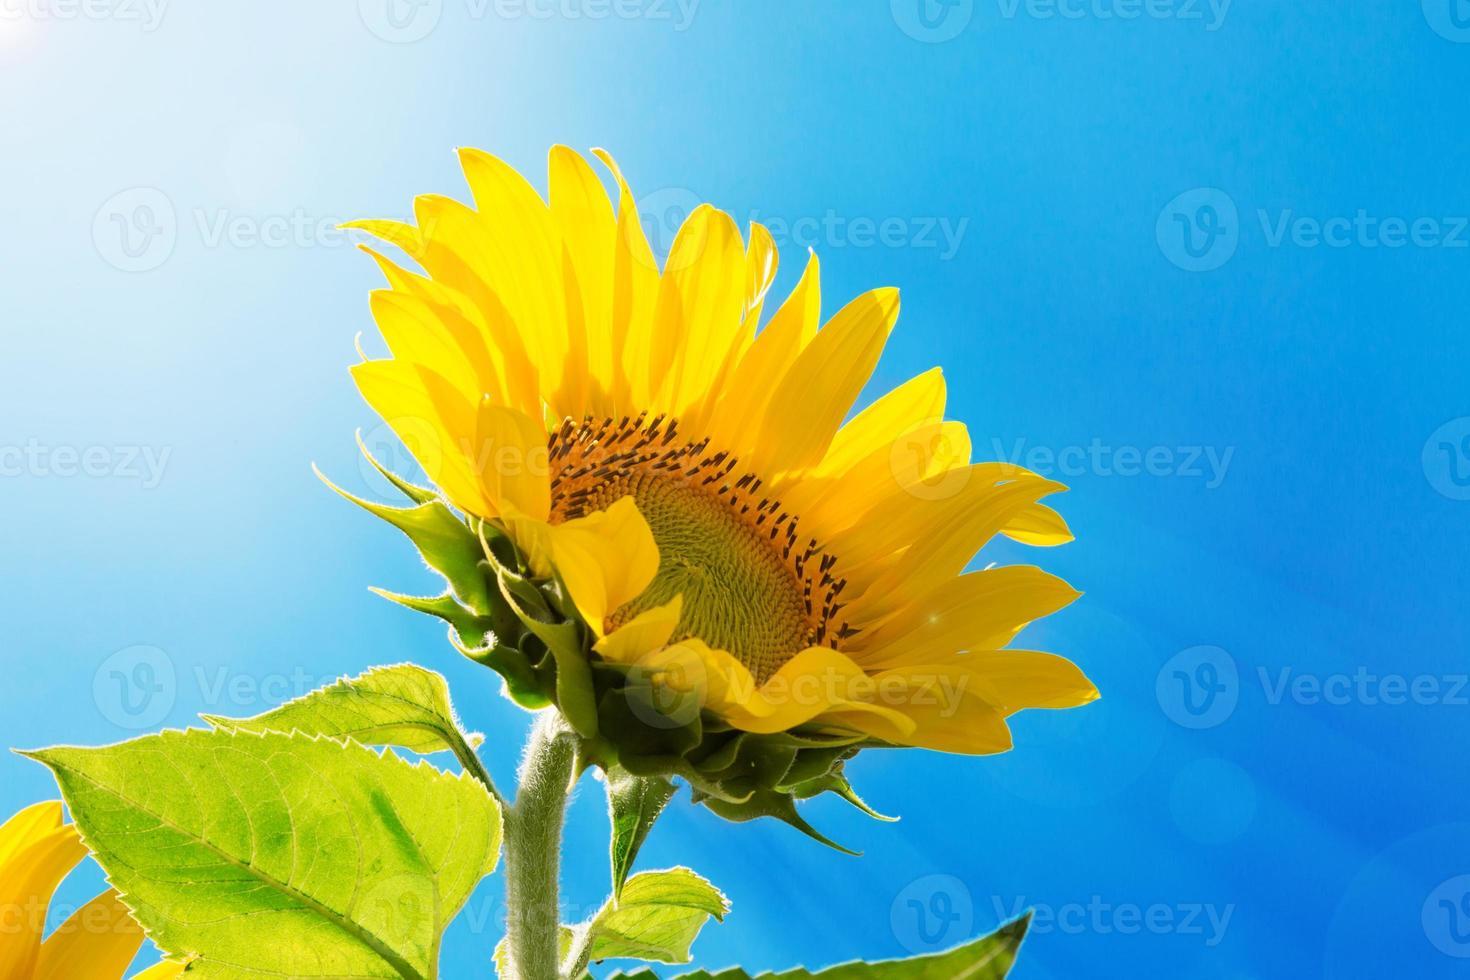 Sonnenblume auf dem Himmelhintergrund foto